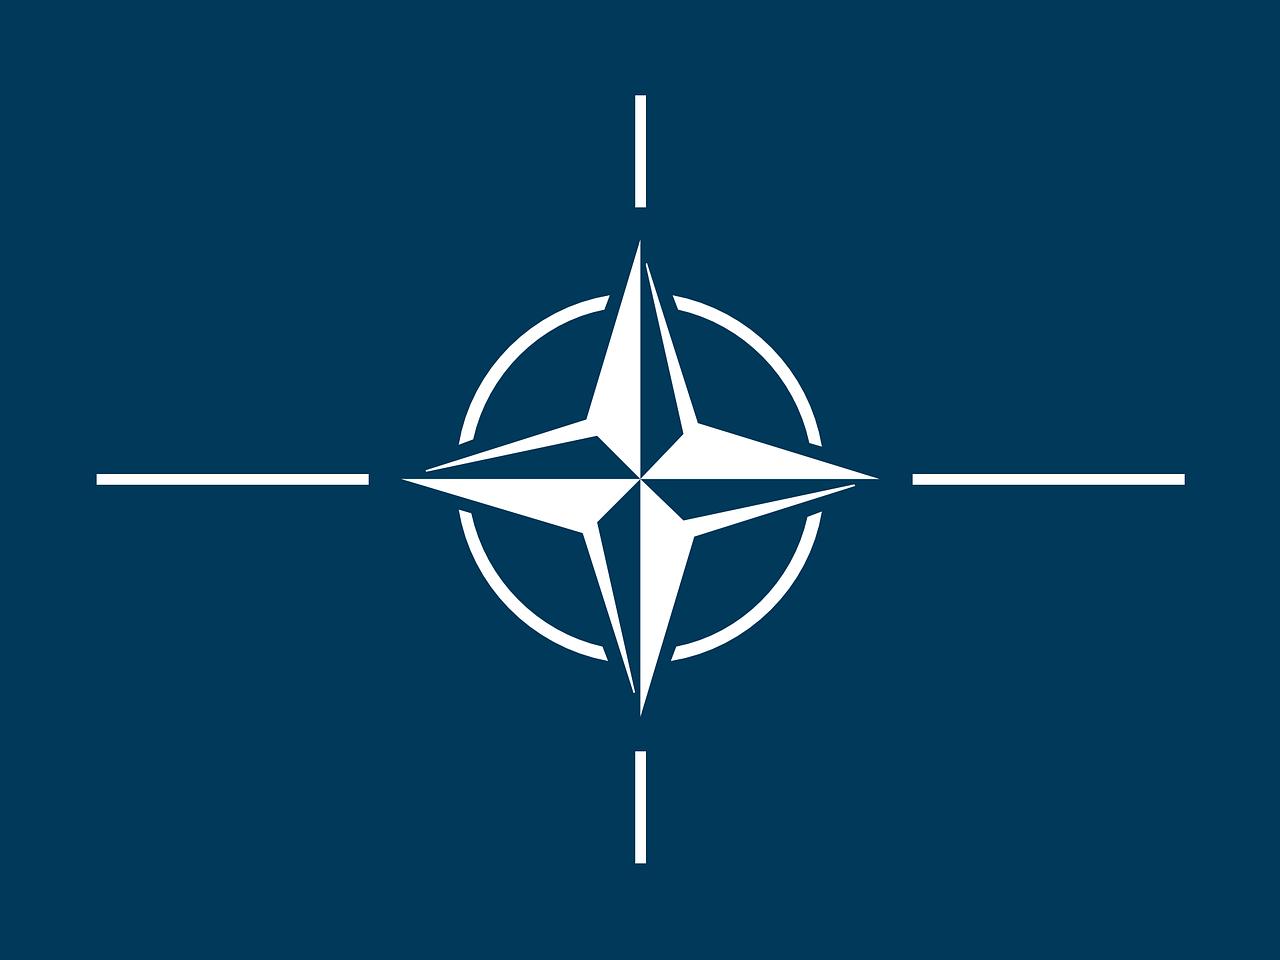 Elementos geopolíticos prioritarios a la luz de la coyuntura actual: implicaciones del aumento al gasto militar